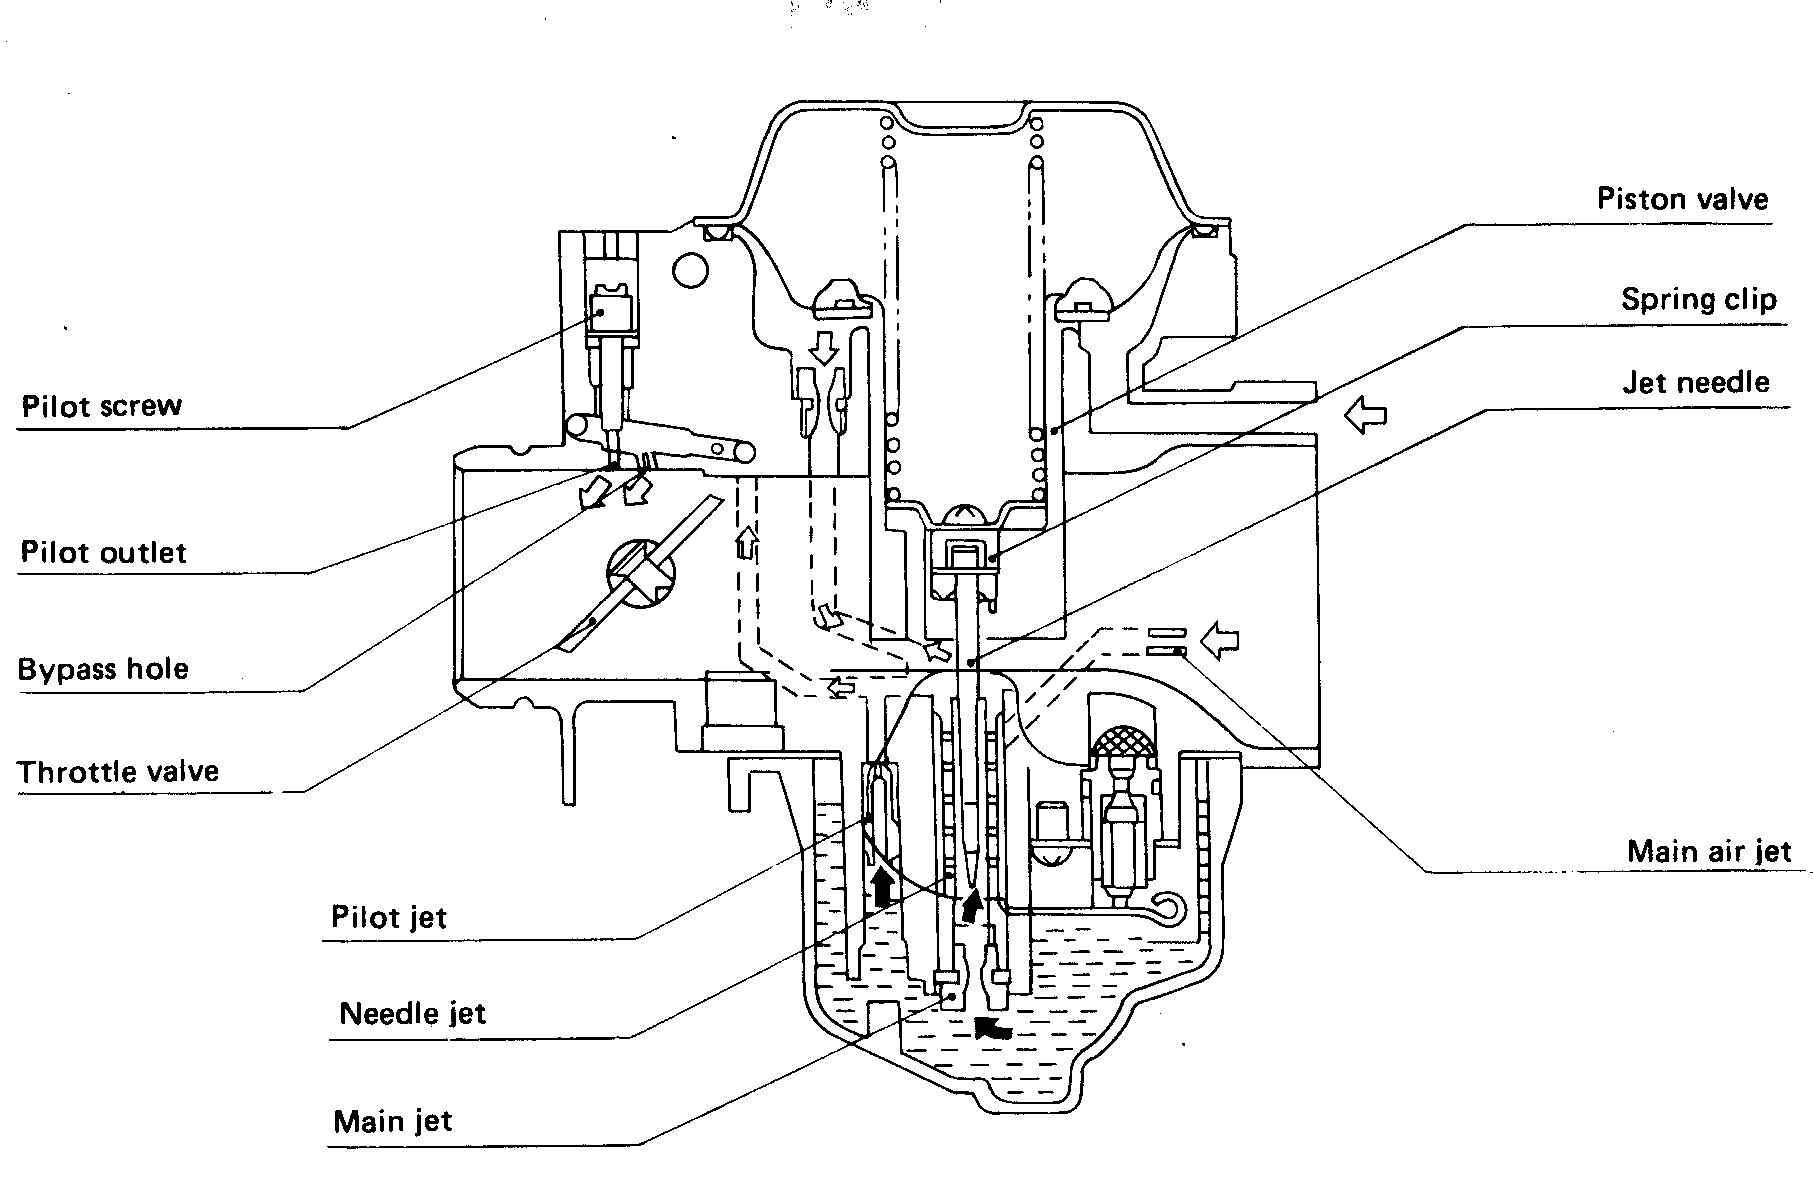 KZ650.info